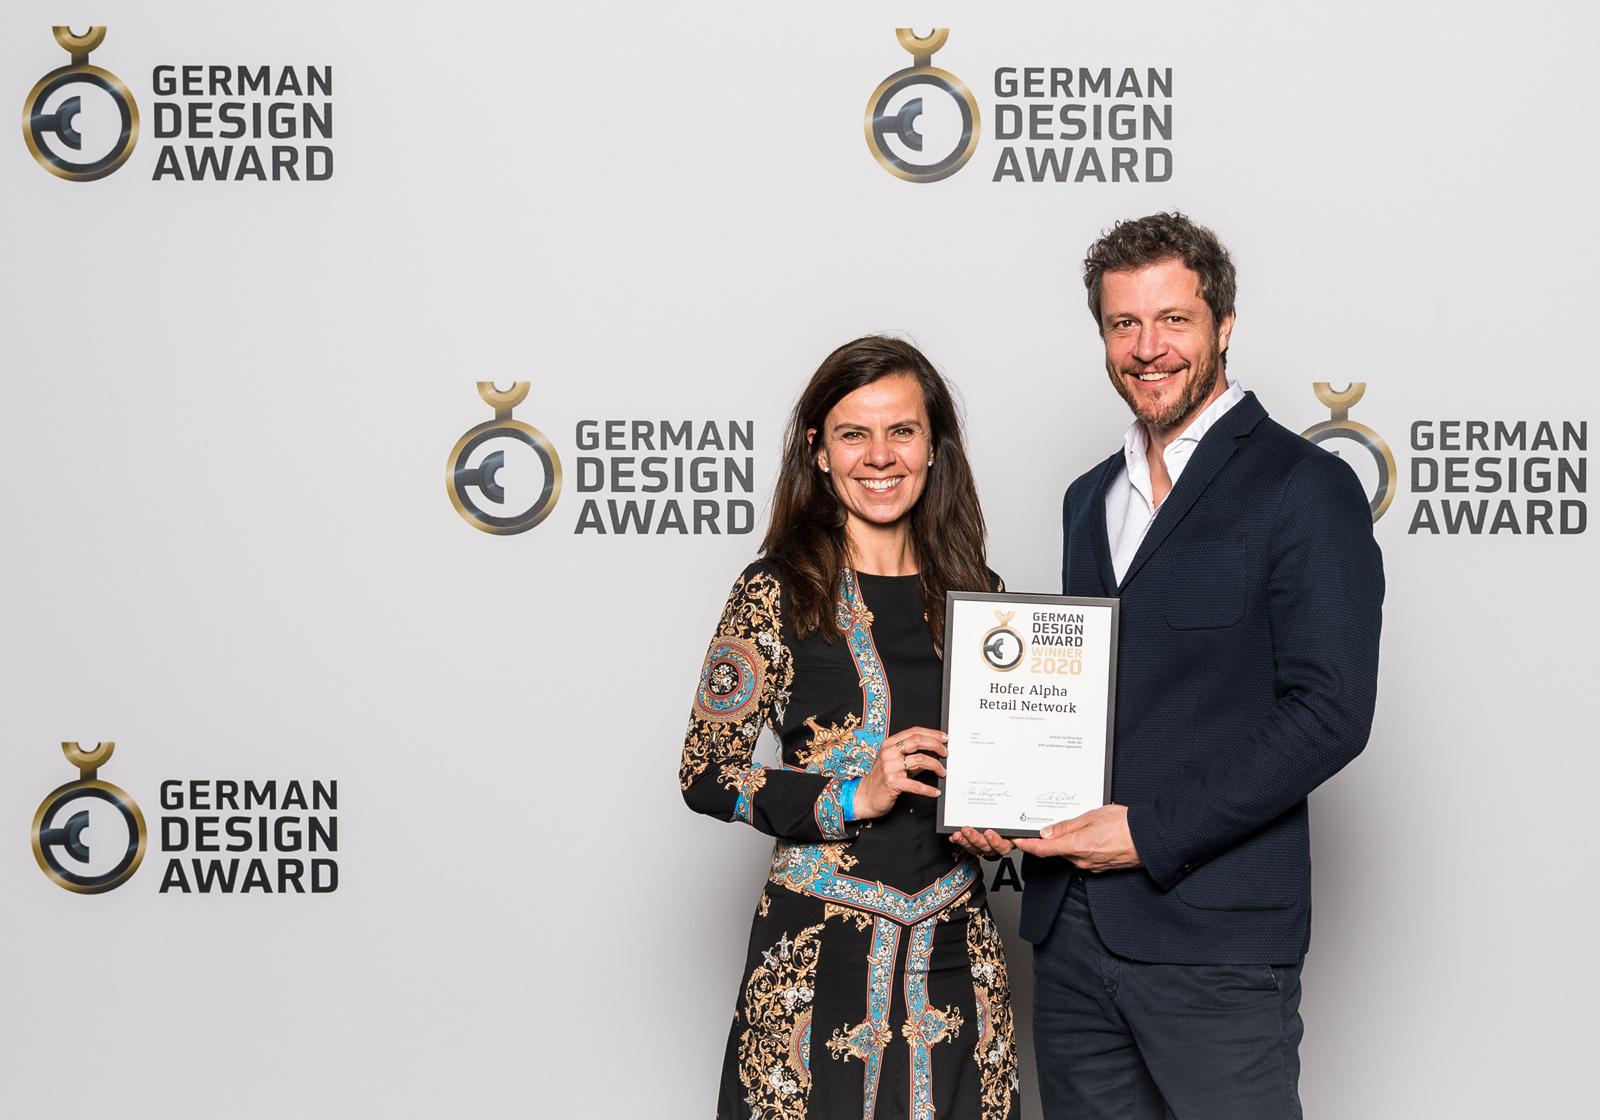 Gesamtprojektleiterin Lilo Dellantonio und Head of Design Paul Ohnmacht bei der Preisverleihung. Foto:German Award Council